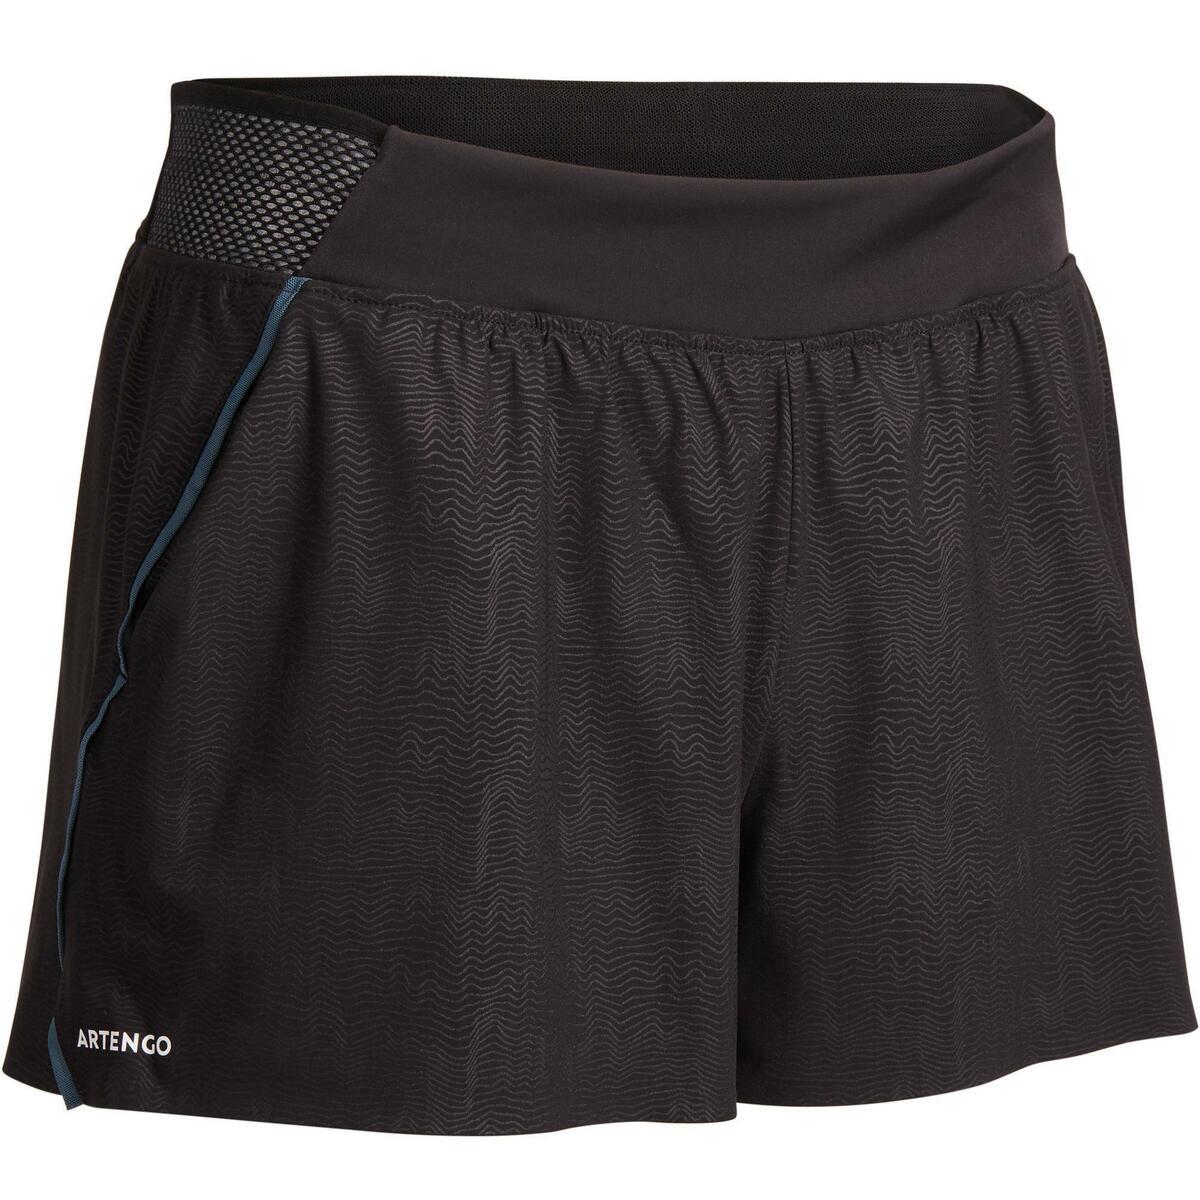 Bild 1 von Tennis-Shorts SH light 900 Tennis Damen grau/schwarz